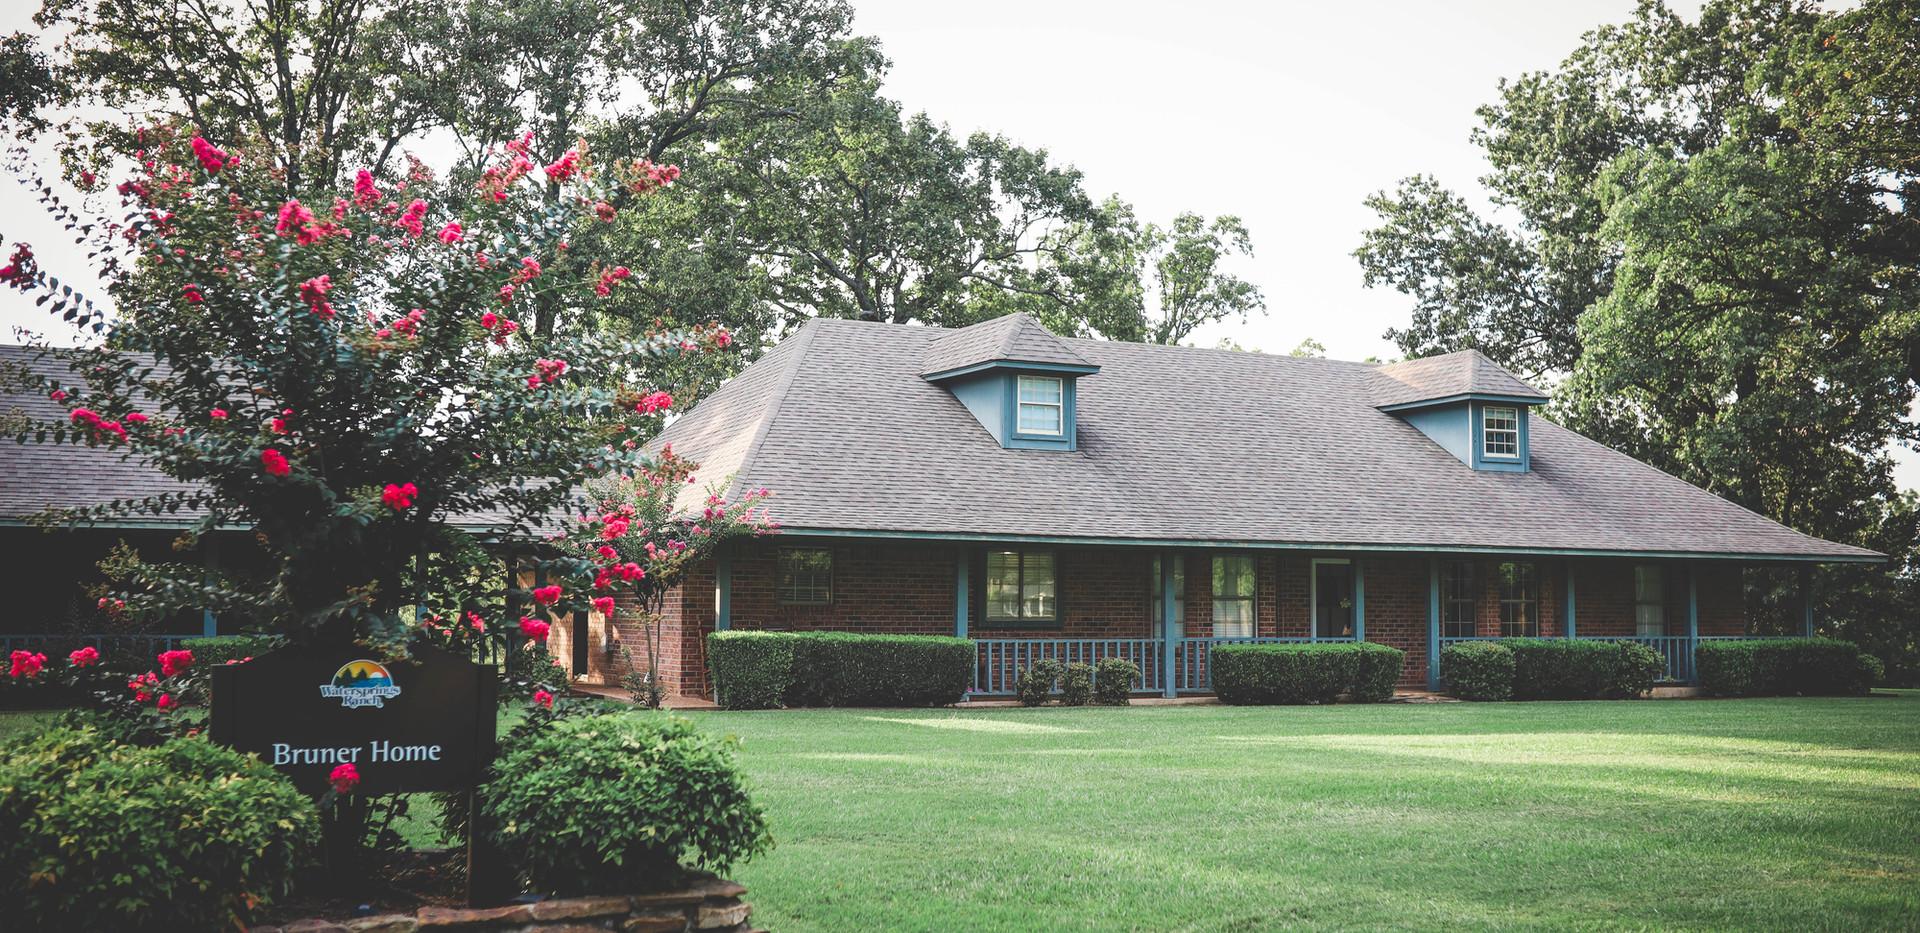 Bruner Home